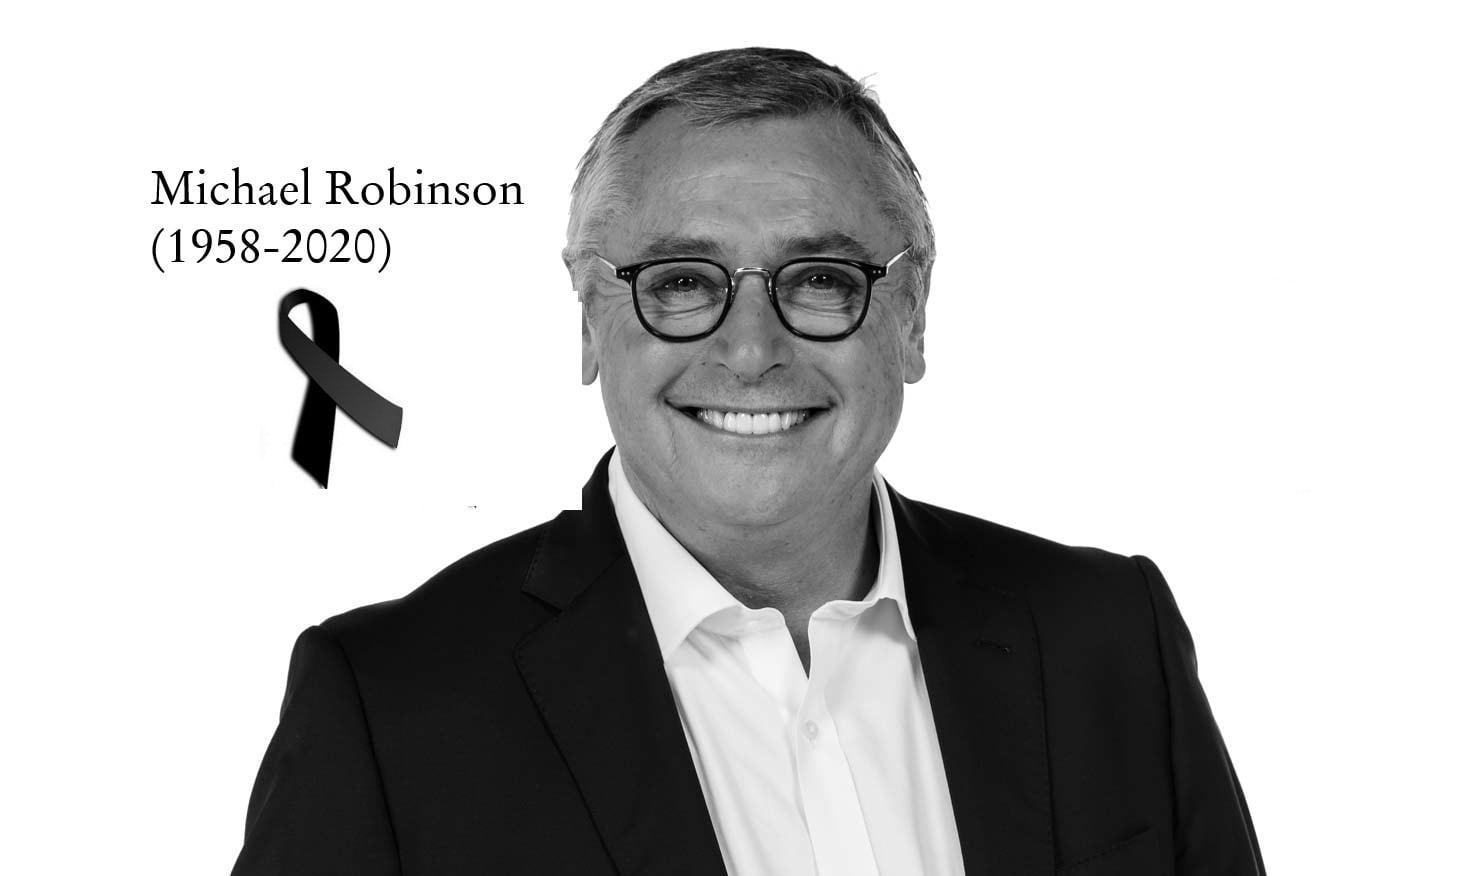 Se fue Michael Robinson, la voz que nos ha acompañado durante las últimas tres décadas